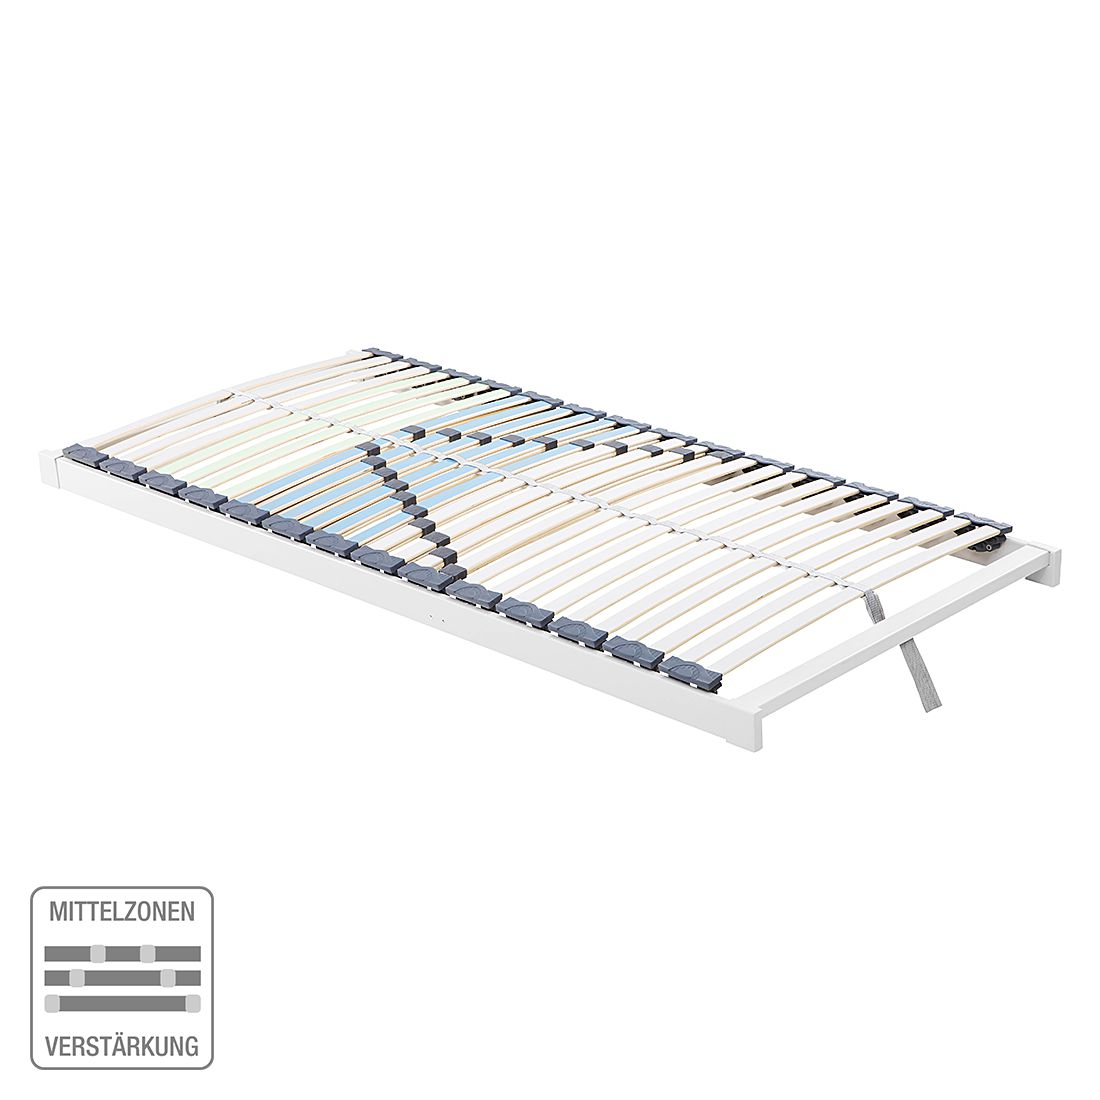 Lattenrost Dura Plan (5 Zonen) – nicht verstellbar – 90 x 200 cm, Hukla jetzt bestellen